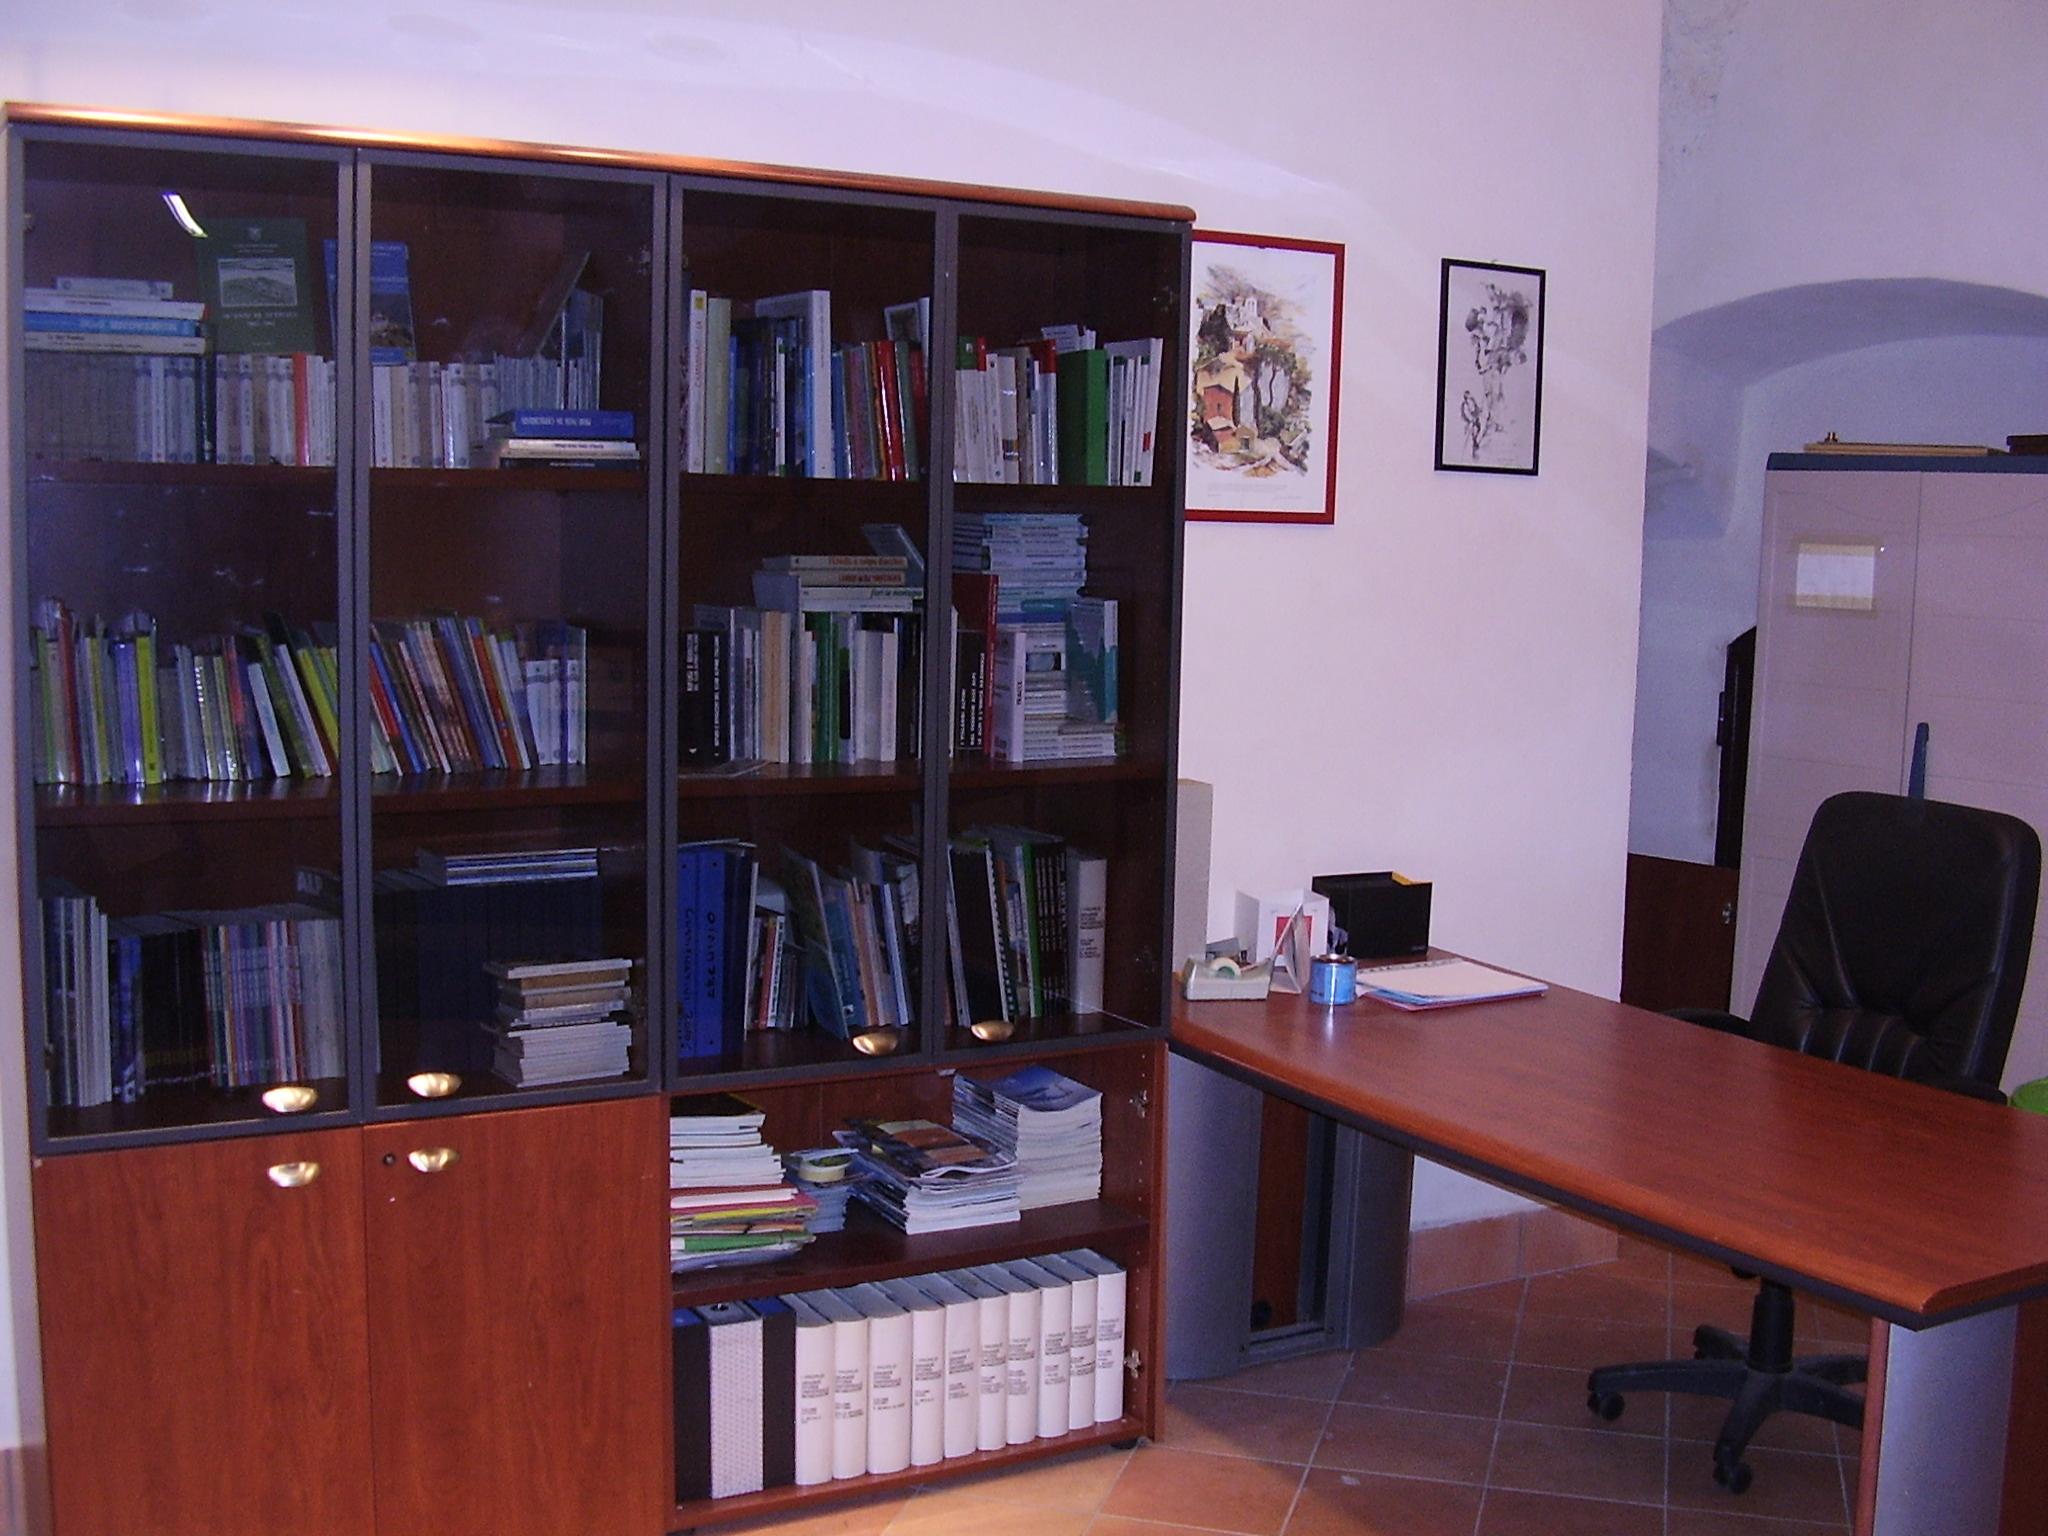 Sala di lettura: accoglienza